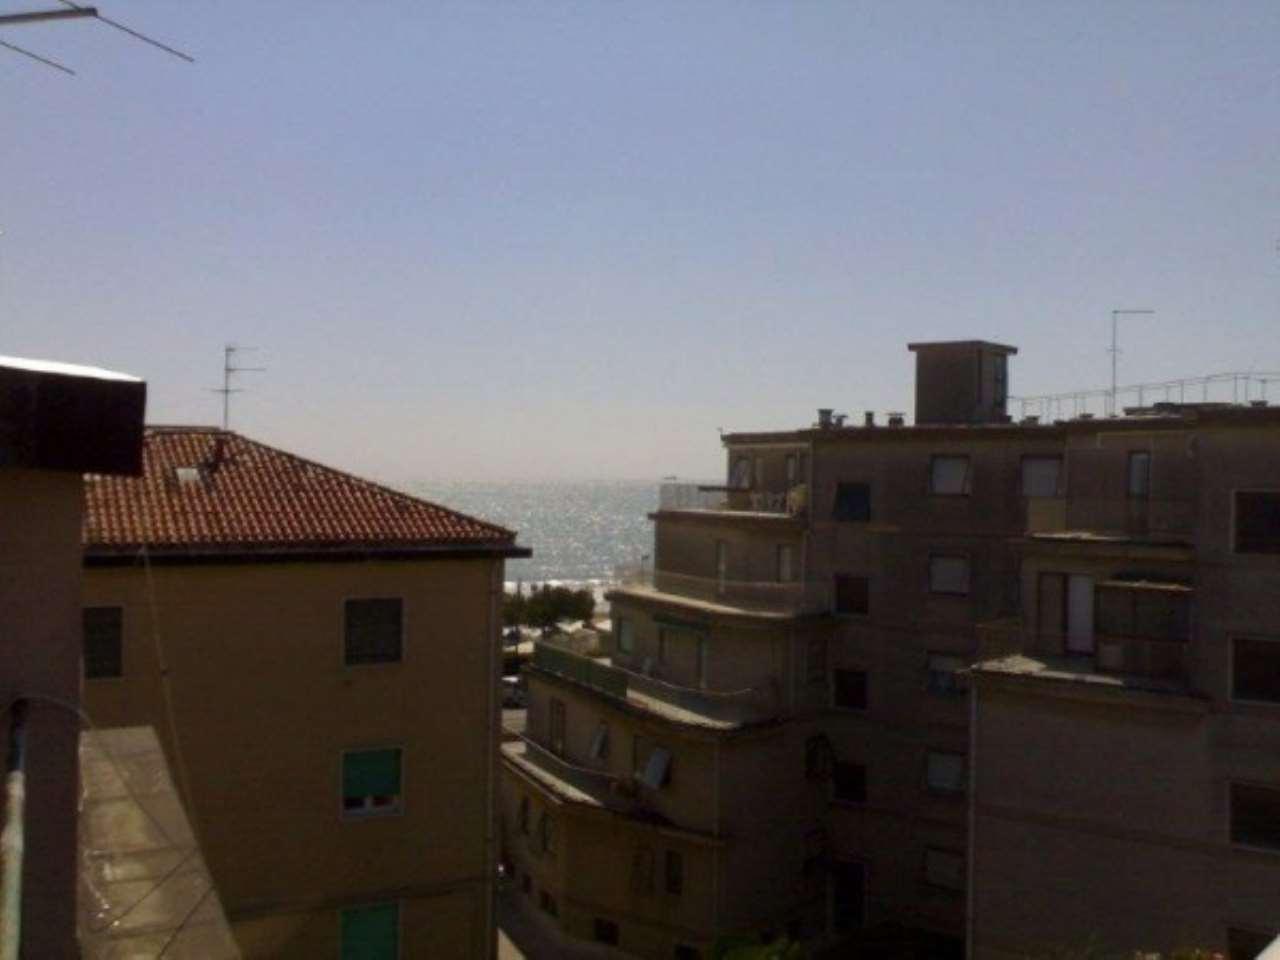 Appartamento in vendita a Venezia, 9999 locali, zona Zona: 8 . Lido, prezzo € 280.000 | Cambio Casa.it